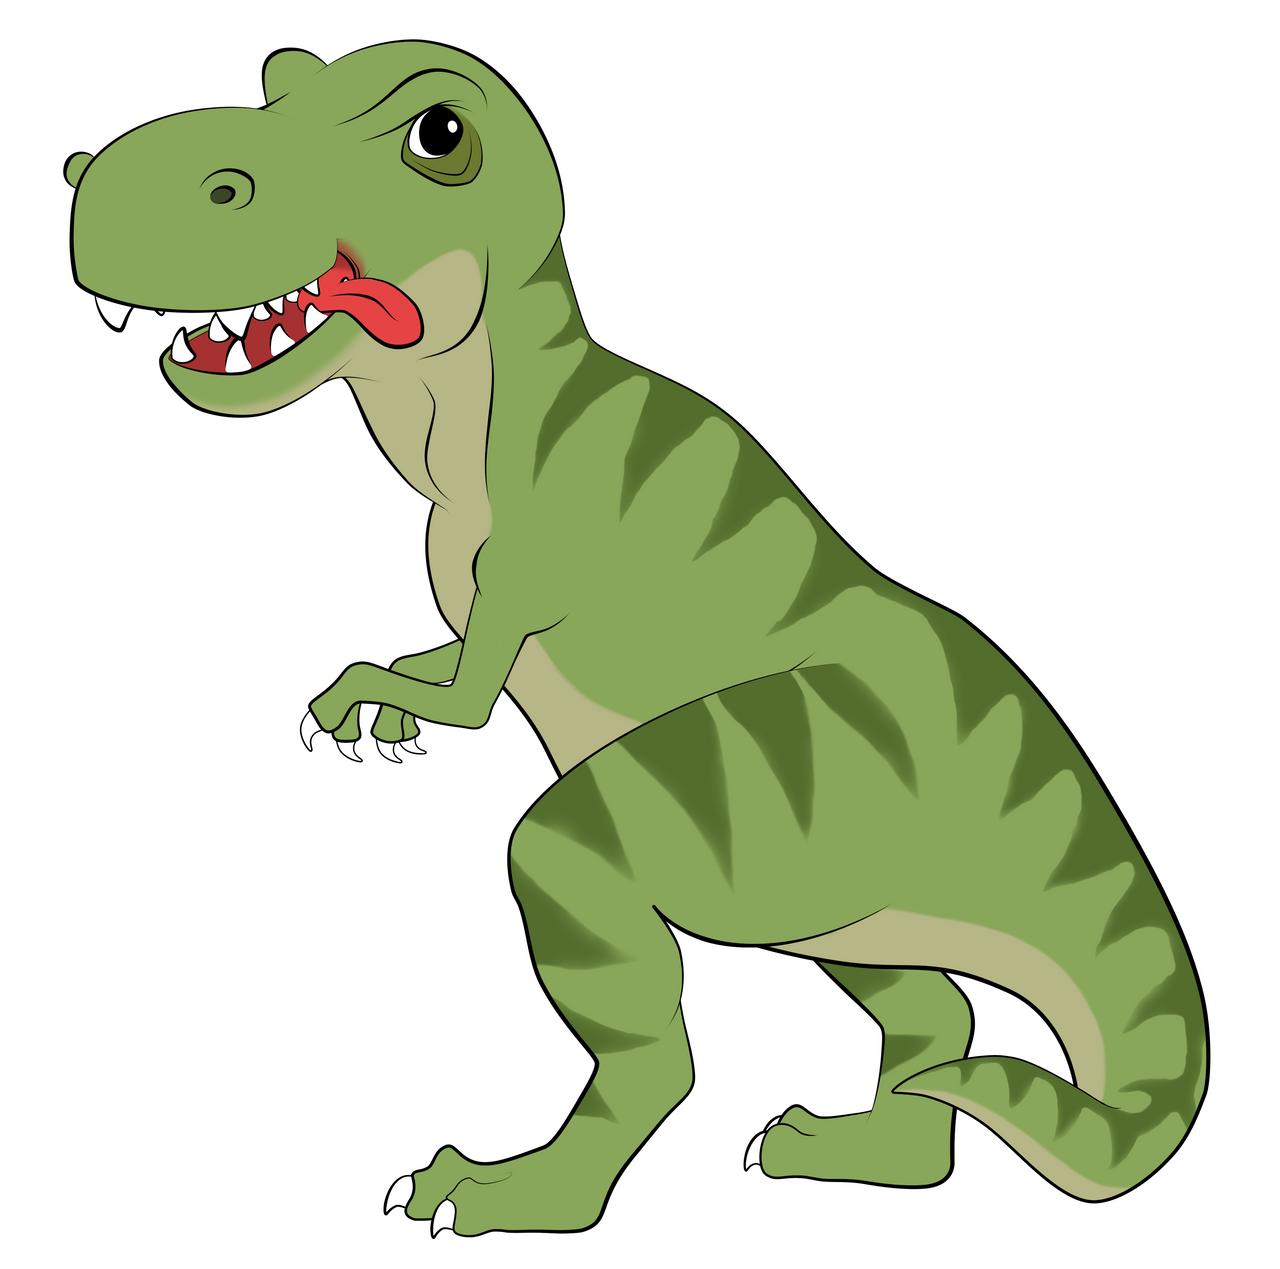 T-Rex Cartoon by EarthEvolution on DeviantArt